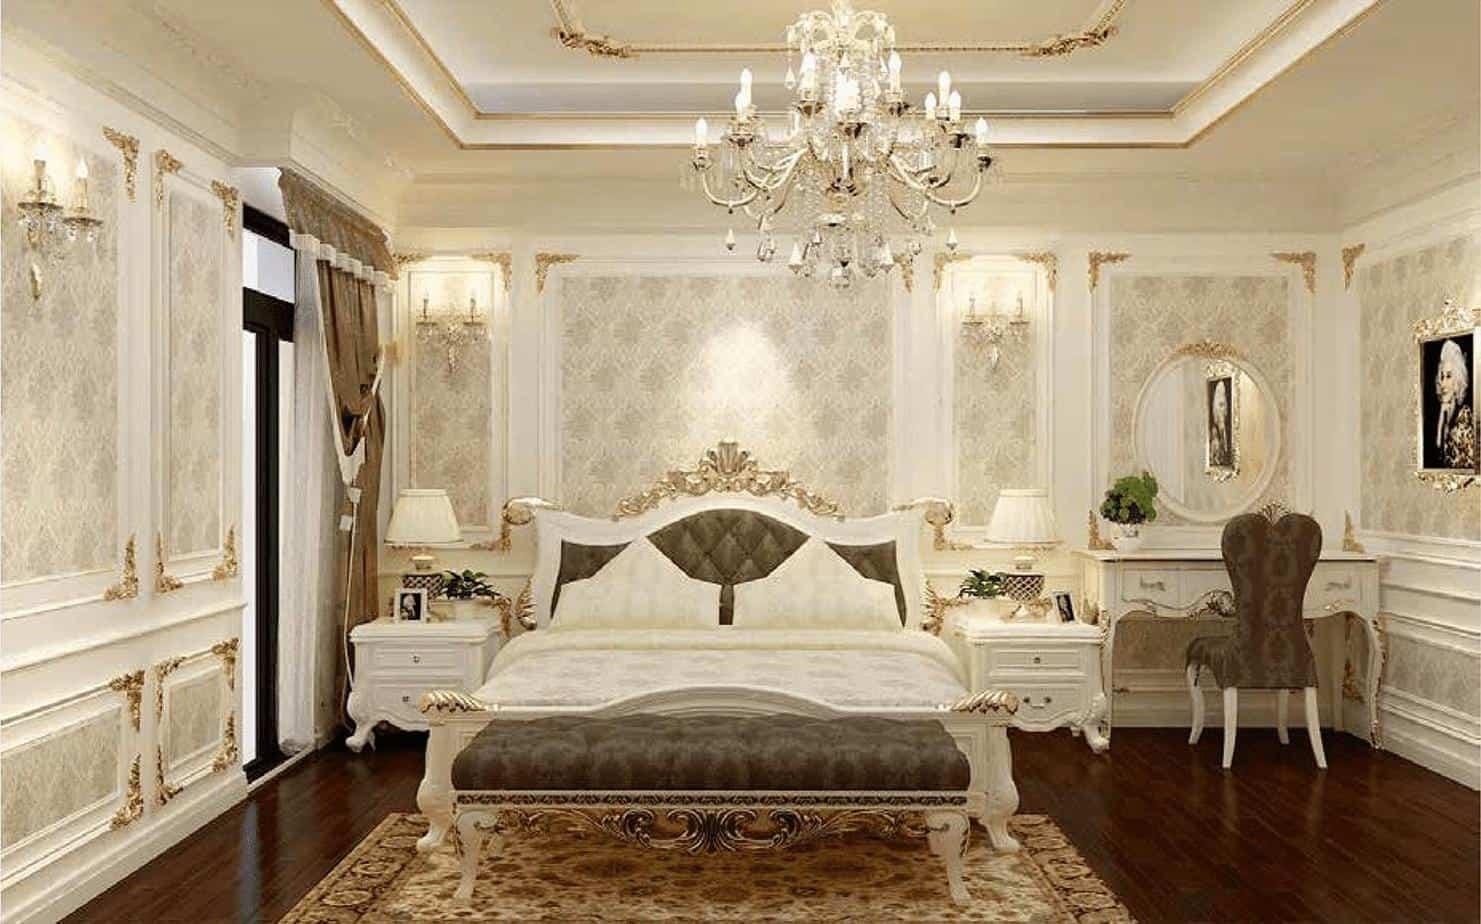 Top 25 Mẫu Thiết Kế Nội Thất Hiện Đại Đẹp Ấn Tượng Nhất -  - Mẫu thiết kế nội thất đẹp | thiết kế nội thất hiện đại 61